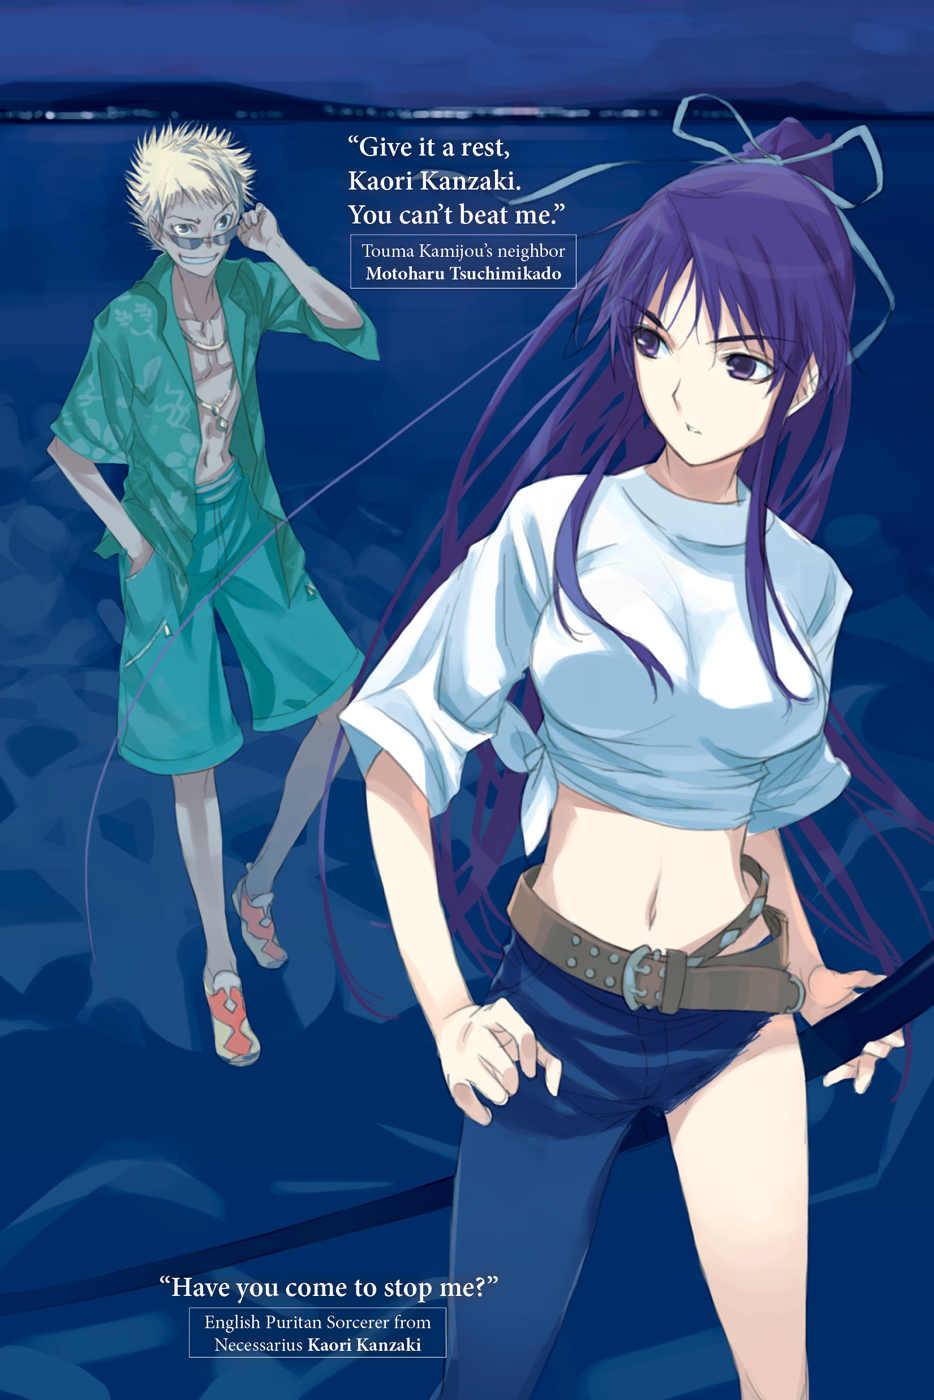 Ilustración del Vol. 7 en la que aparecen MotoHaru Tsuchimikado y Kaori Kanzaki. Toaru Majutsu no Index / A Certain Magical Index